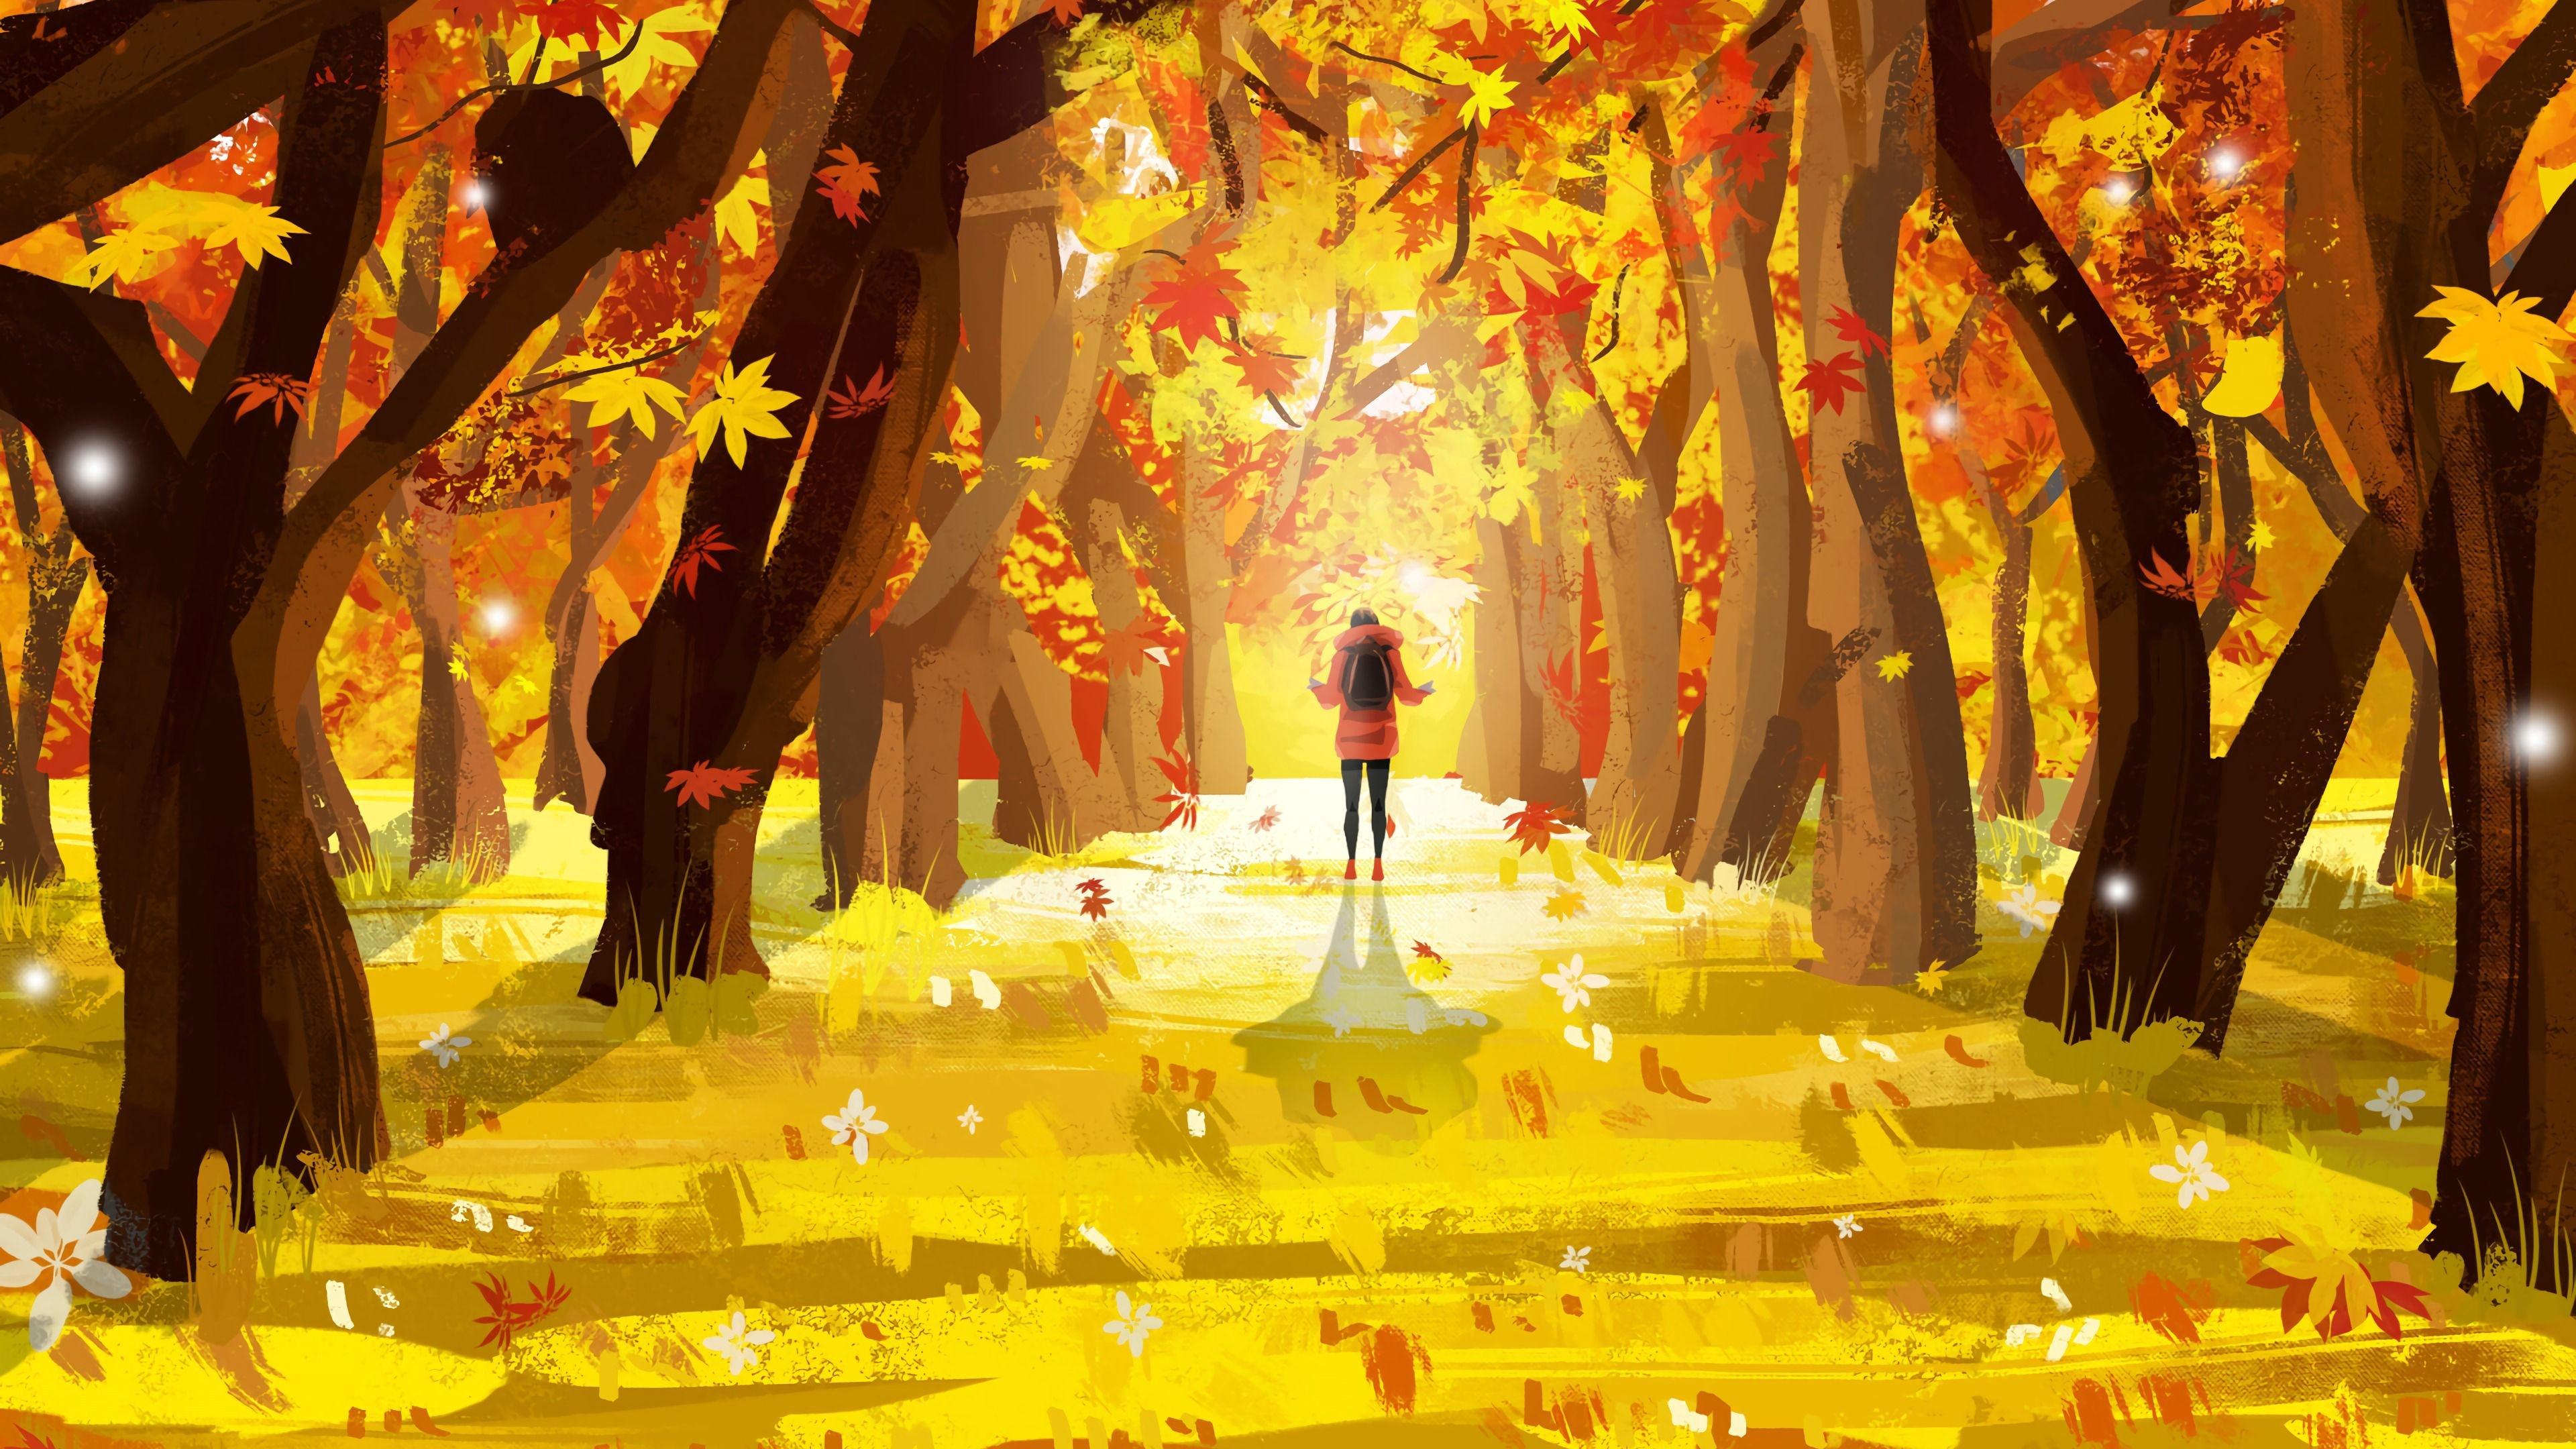 Fall Art desktop wallpaper